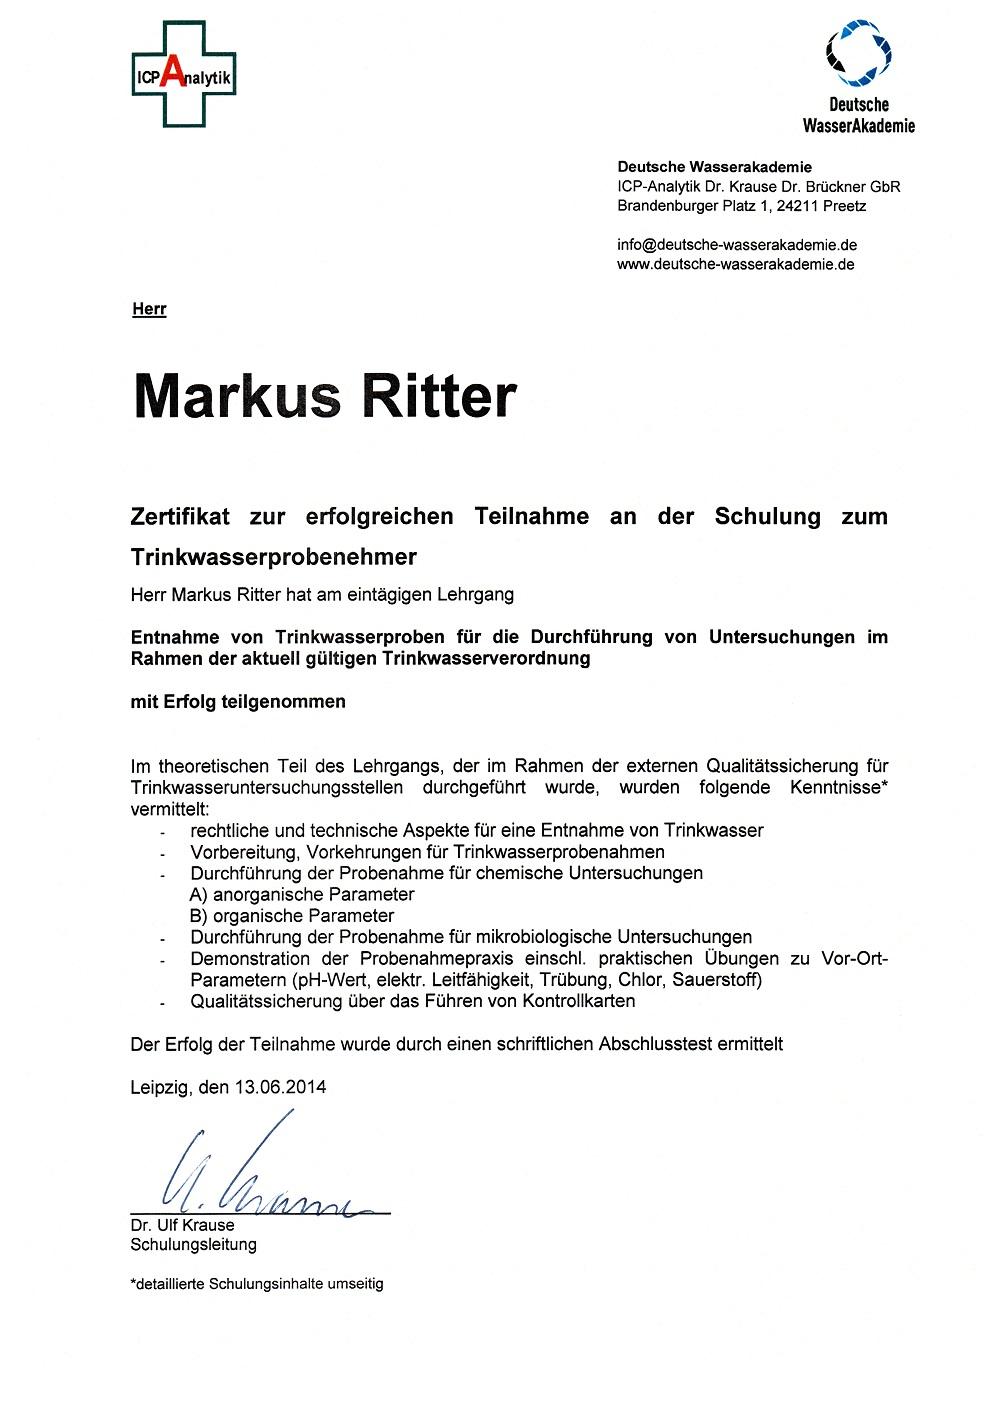 Zertifikat für Probenahme Trinkwasserfüftung